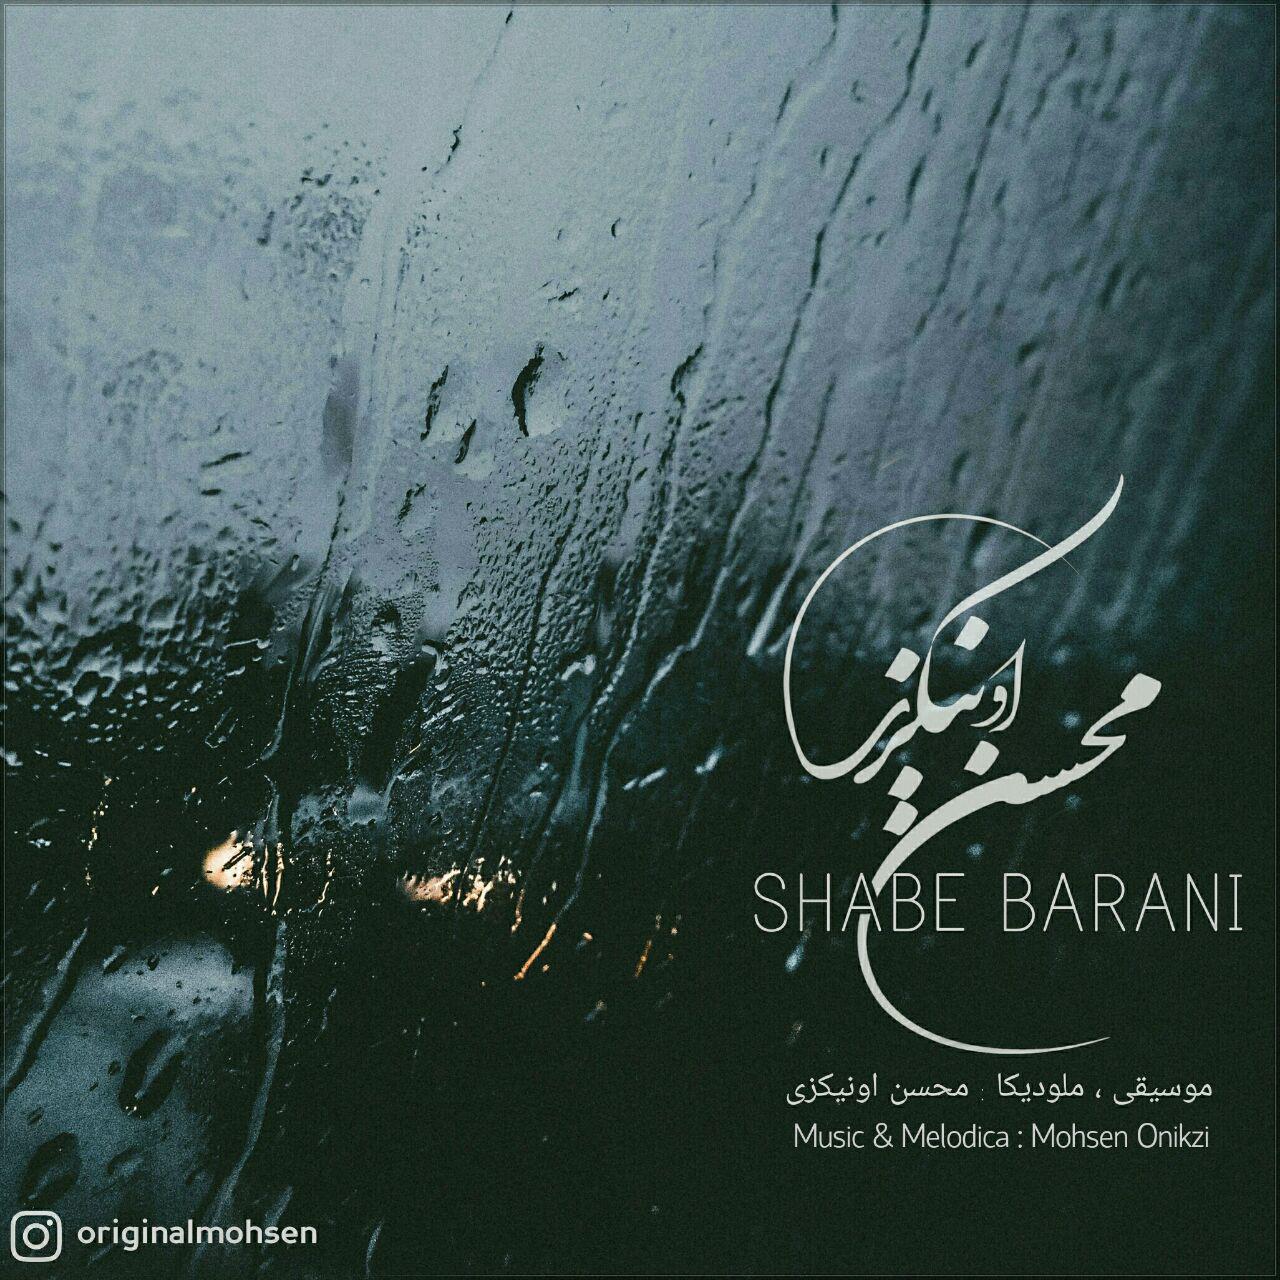 محسن اونیکزی به نام شب بارانی